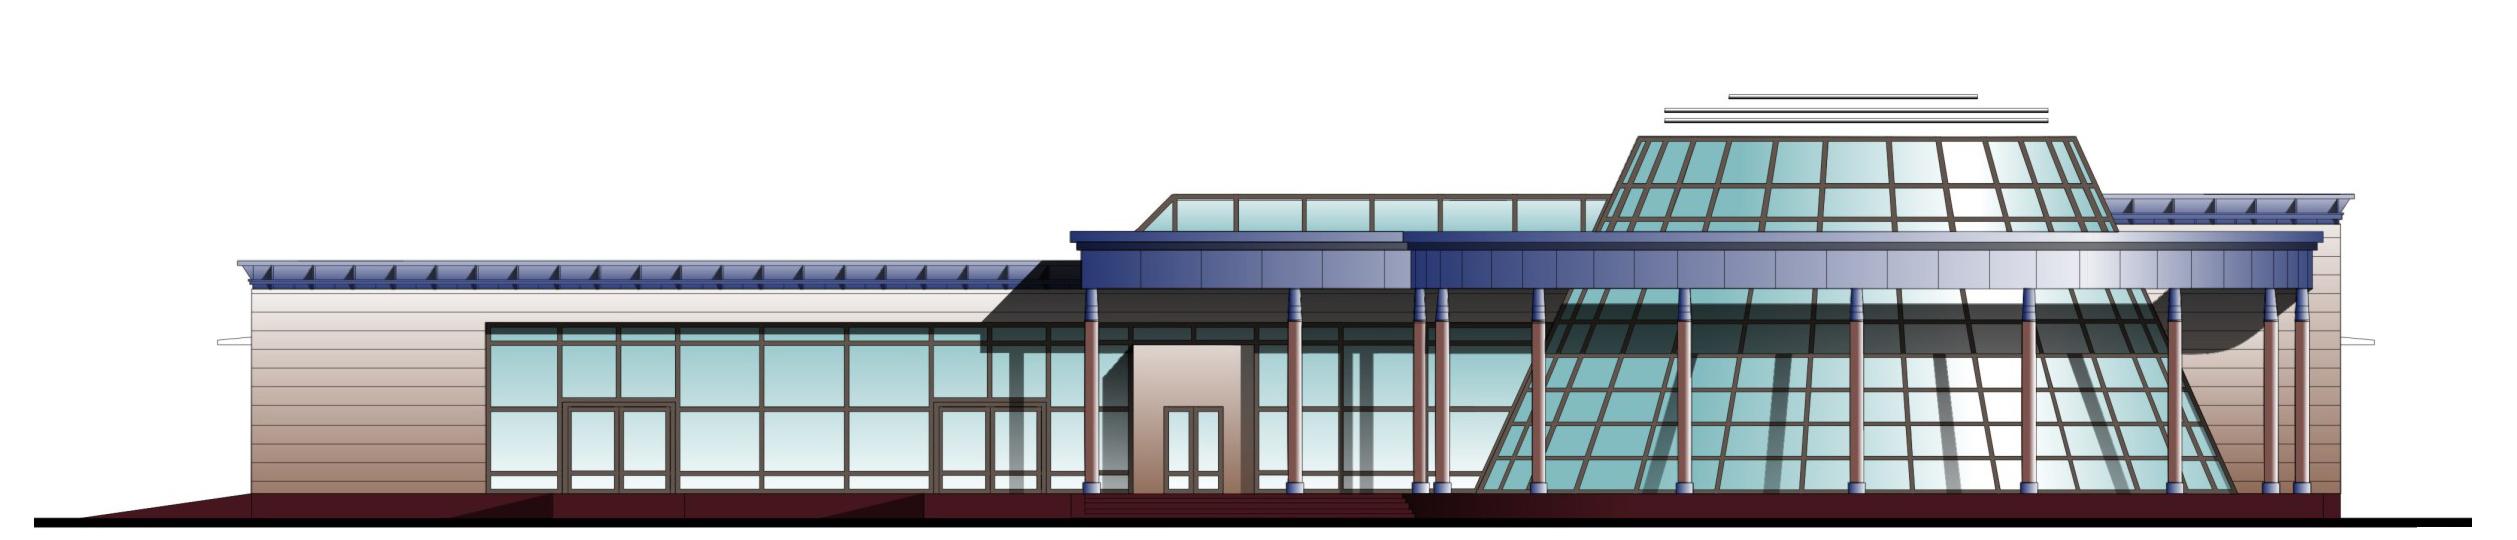 Строительство здания автосалона, торгово-складского комплекса и автоцентра  сервисного  обслуживания легковых и грузовых автомобилей по адресу: СПб, Пулковское шоссе, д.42, участки 1, 2, 3.